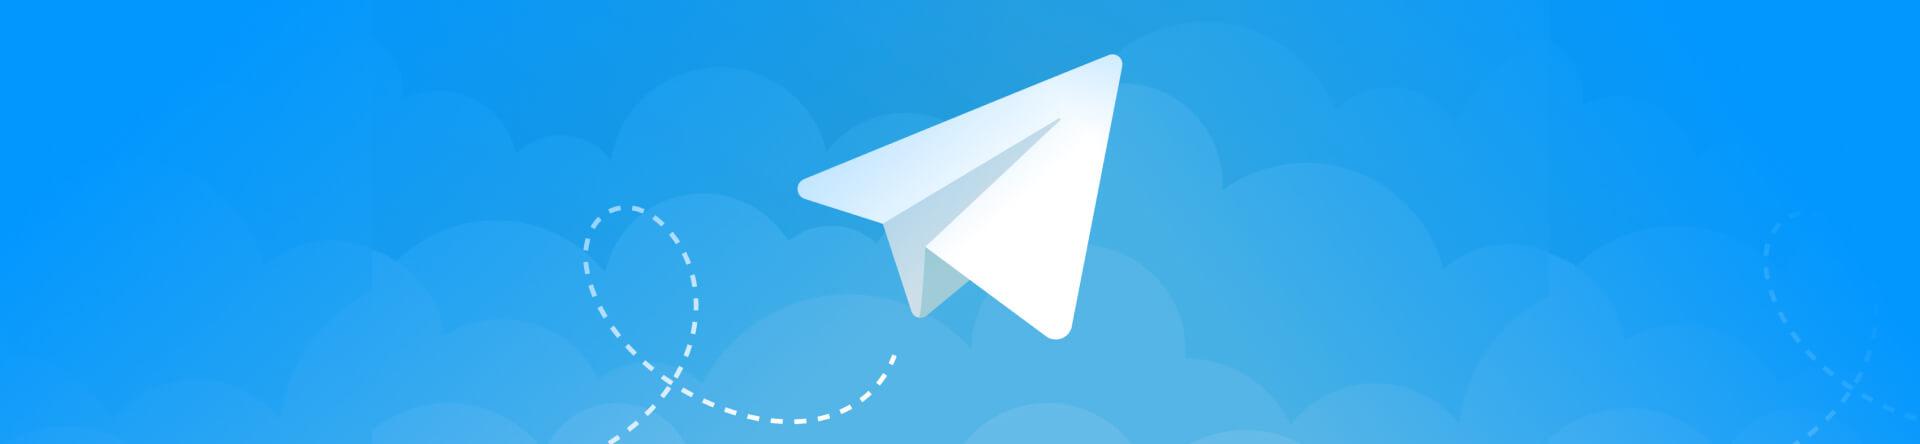 Создание бота в Telegram. Основы